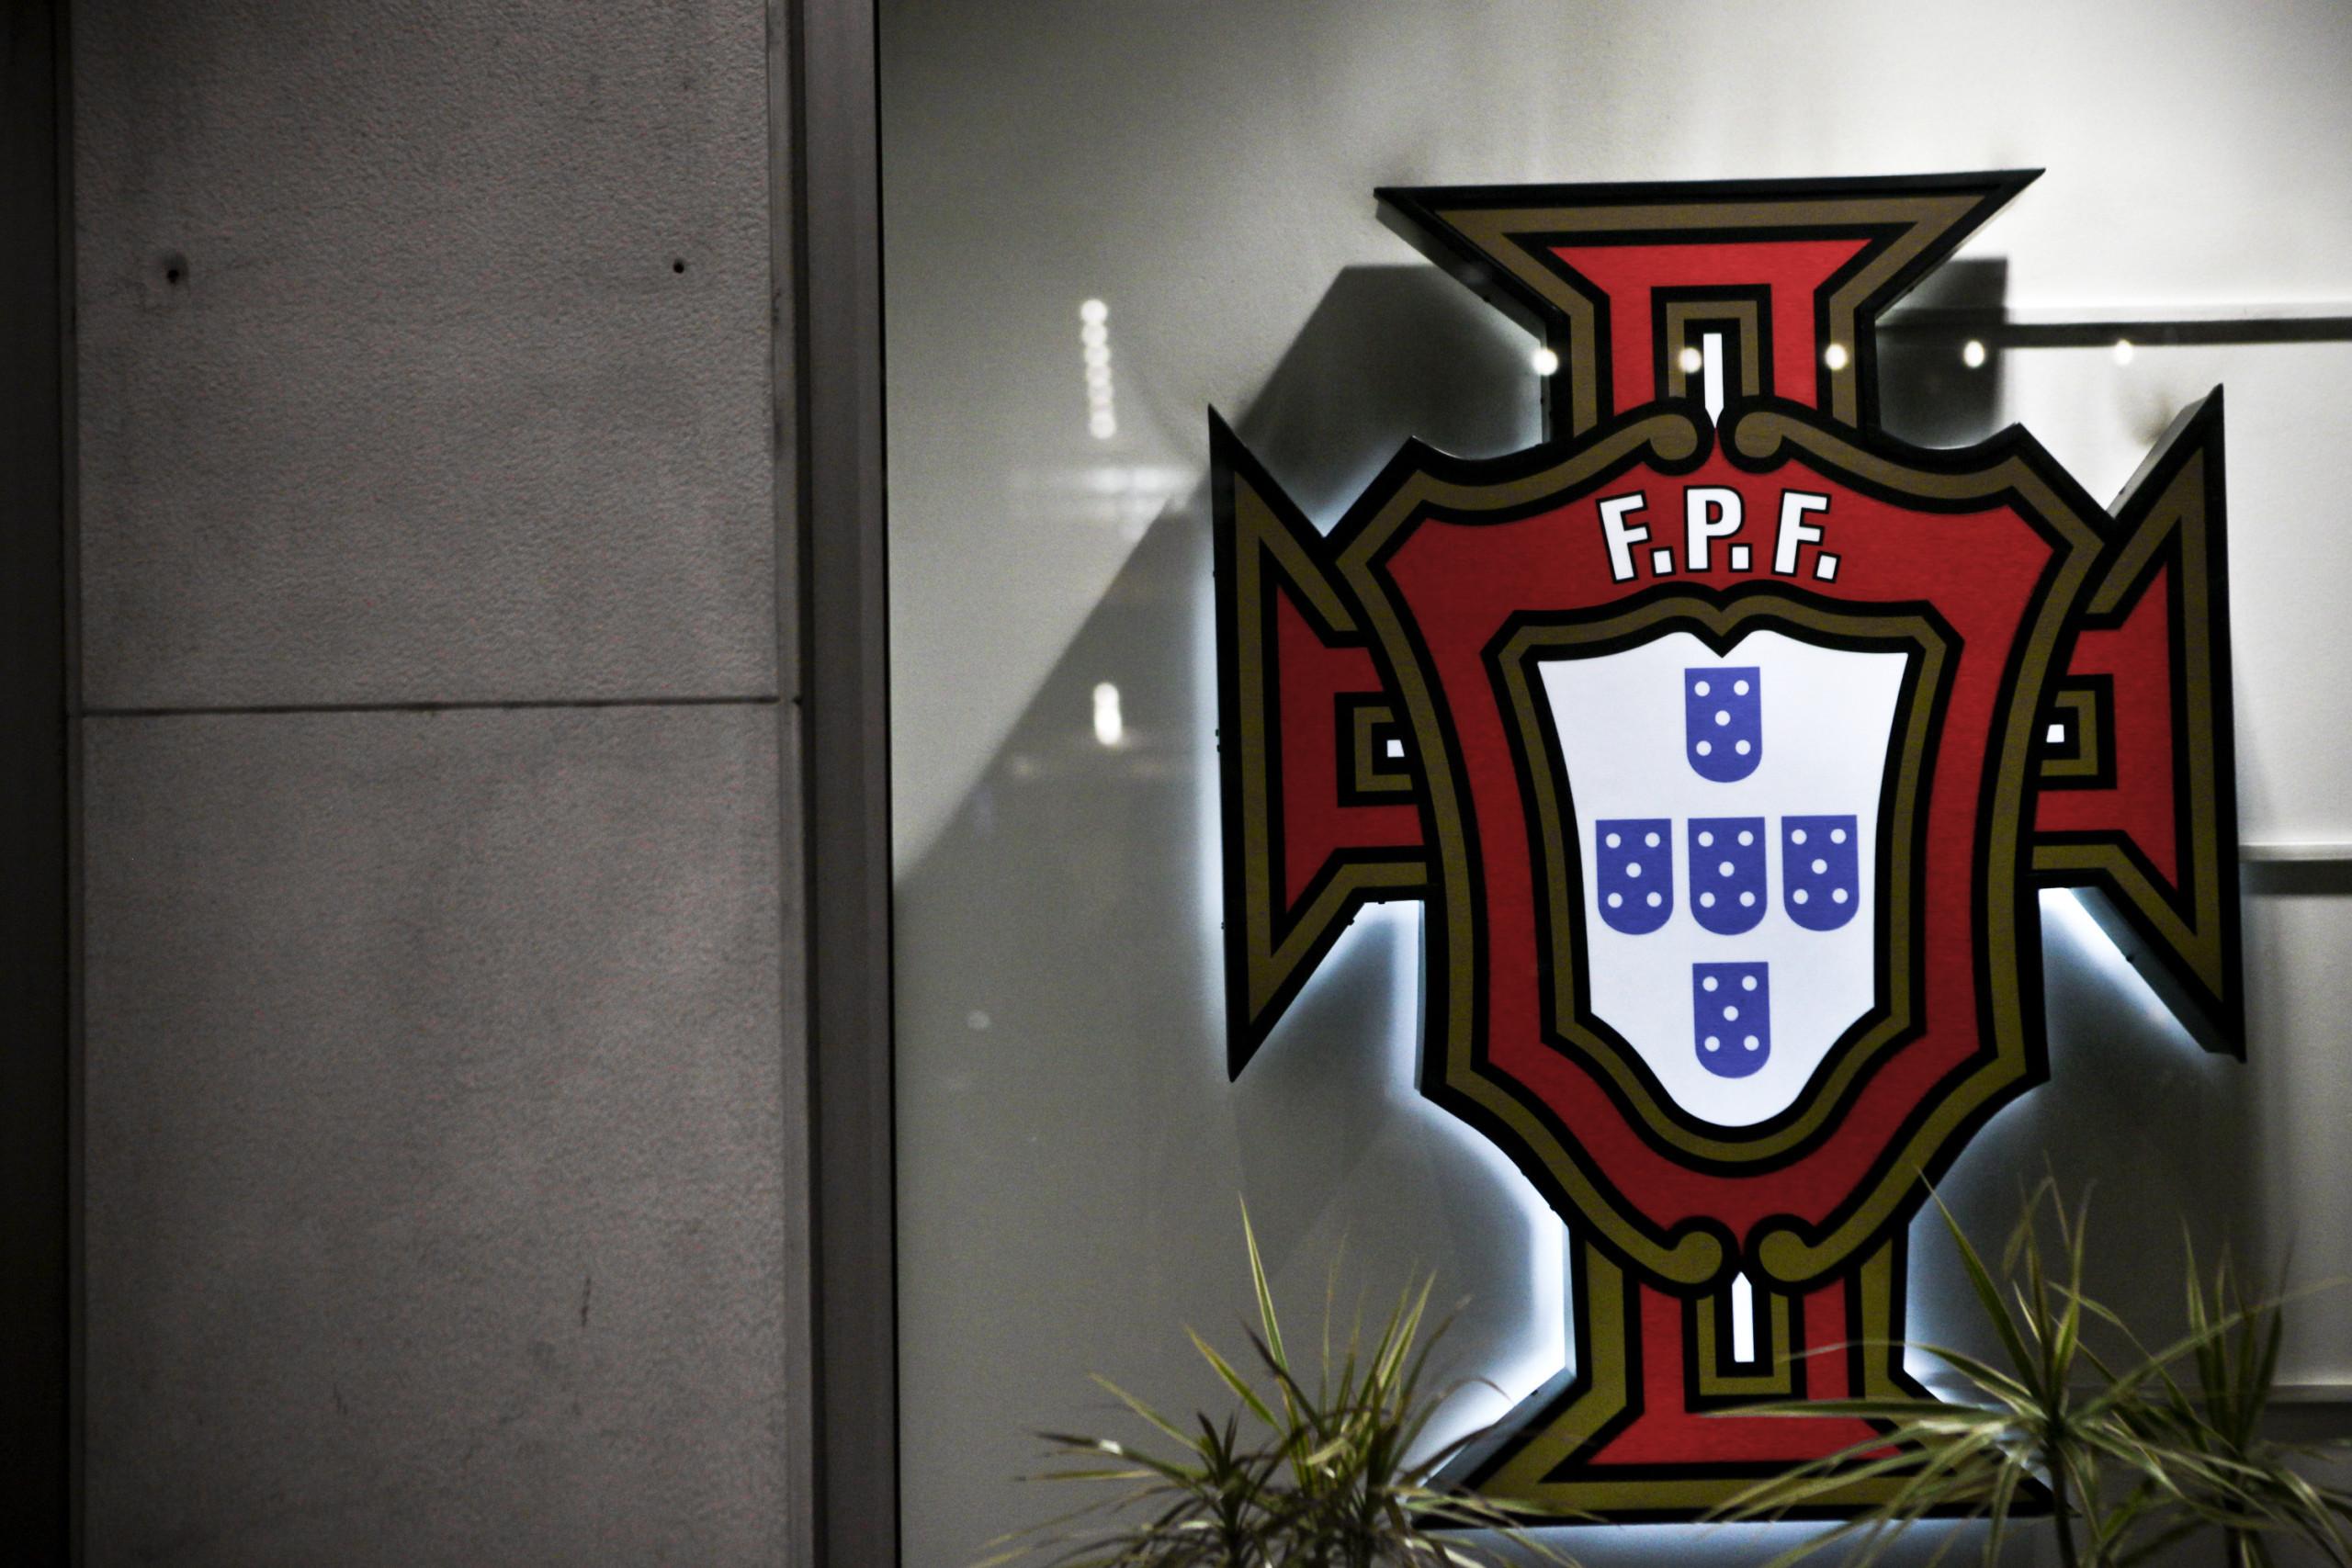 Conselho de Arbitragem da FPF investiga envio de nomeações para a Liga